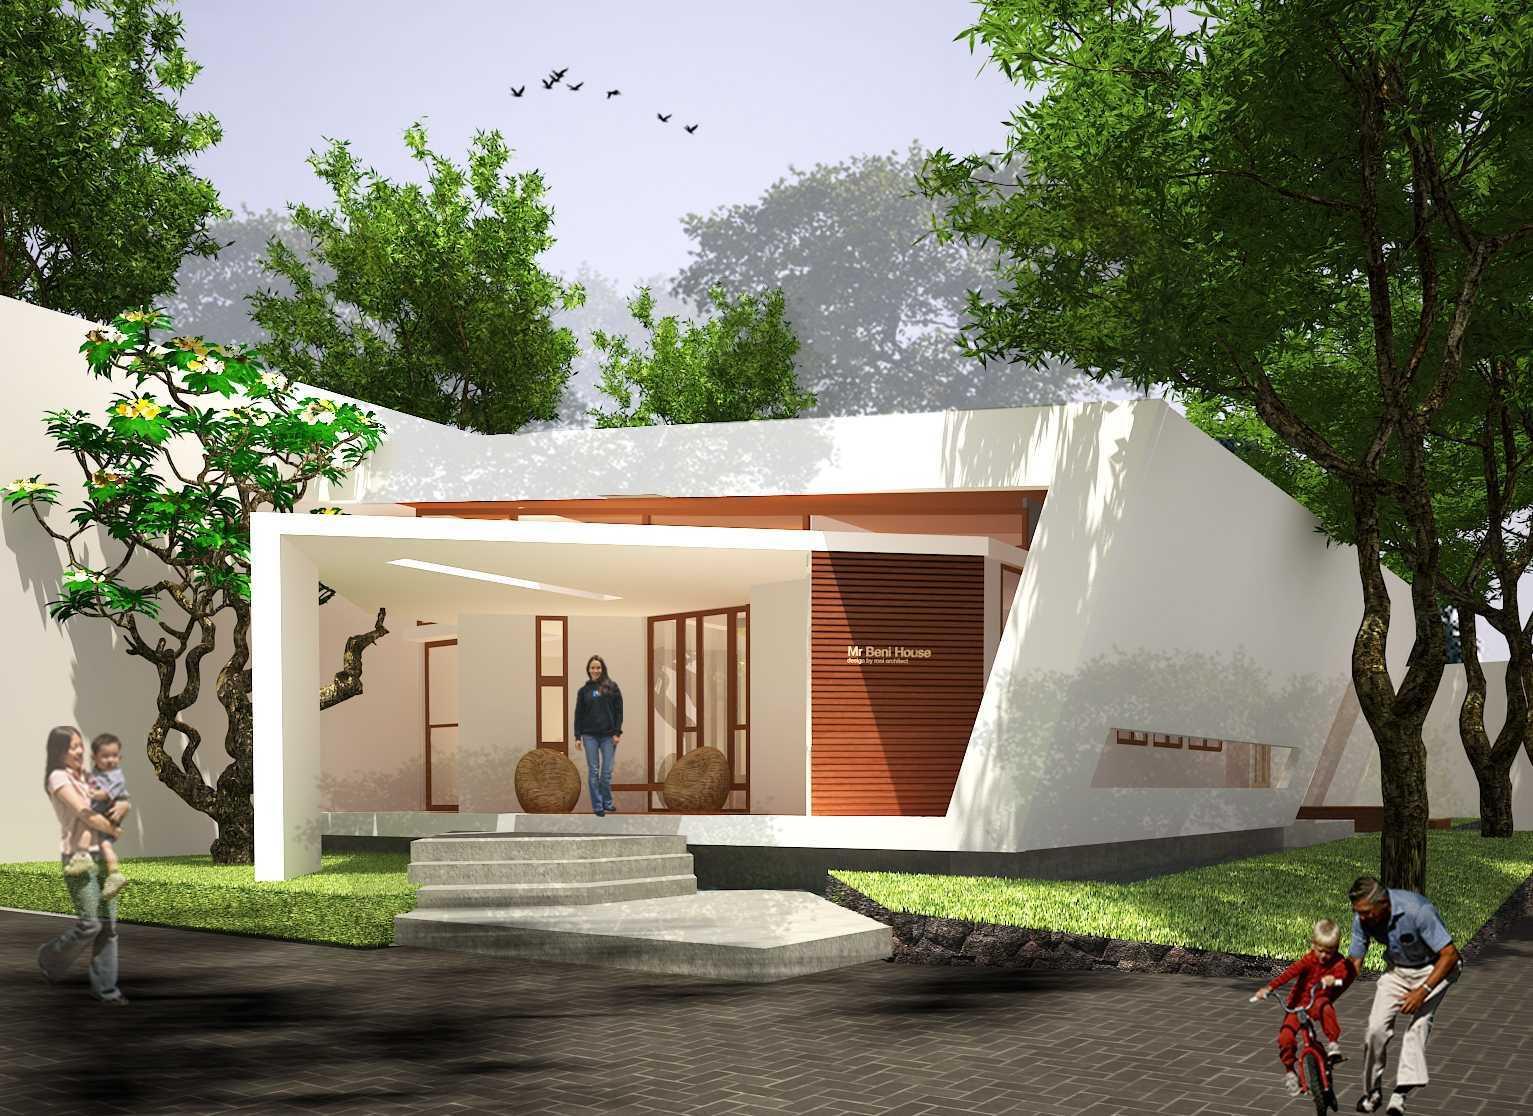 Roni Desain Rumah Hemat Energi  Sulawesi Selatan, Indonesia Sulawesi Selatan, Indonesia Roni-Desain-Rumah-Hemat-Energi-   59907